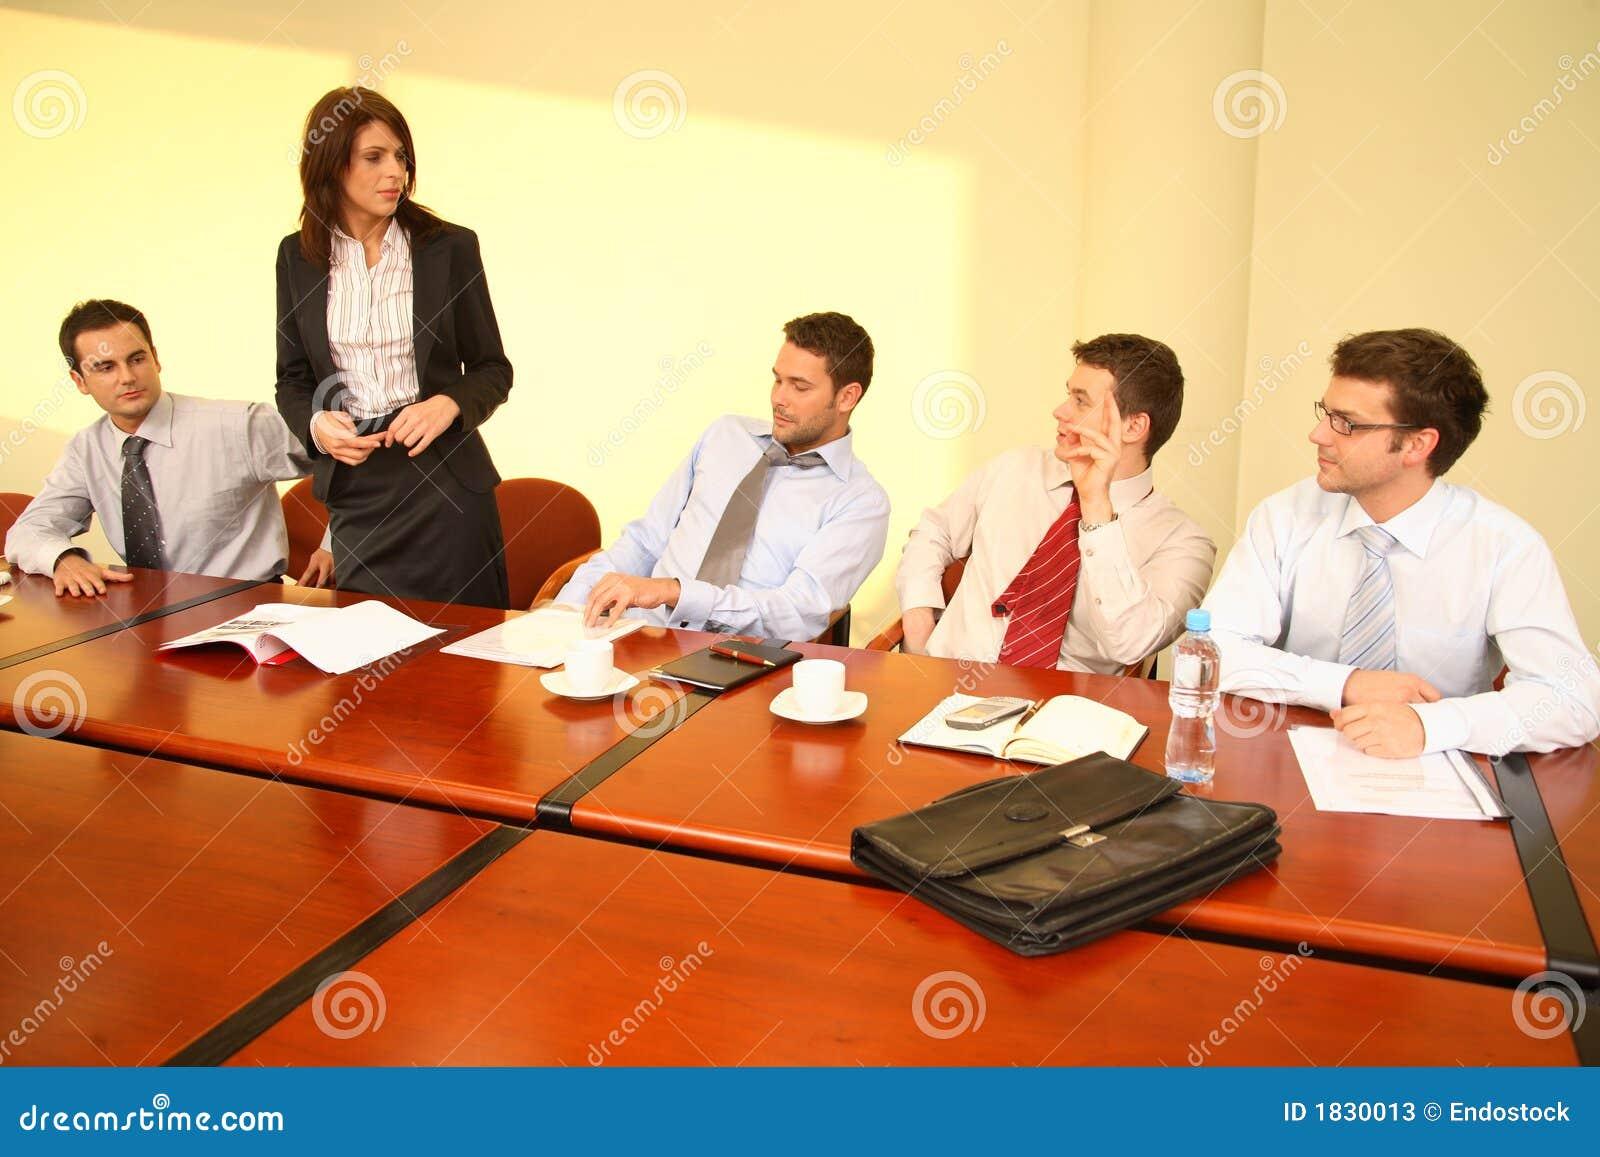 Reunión de negocios informal - discurso de la protuberancia de la mujer